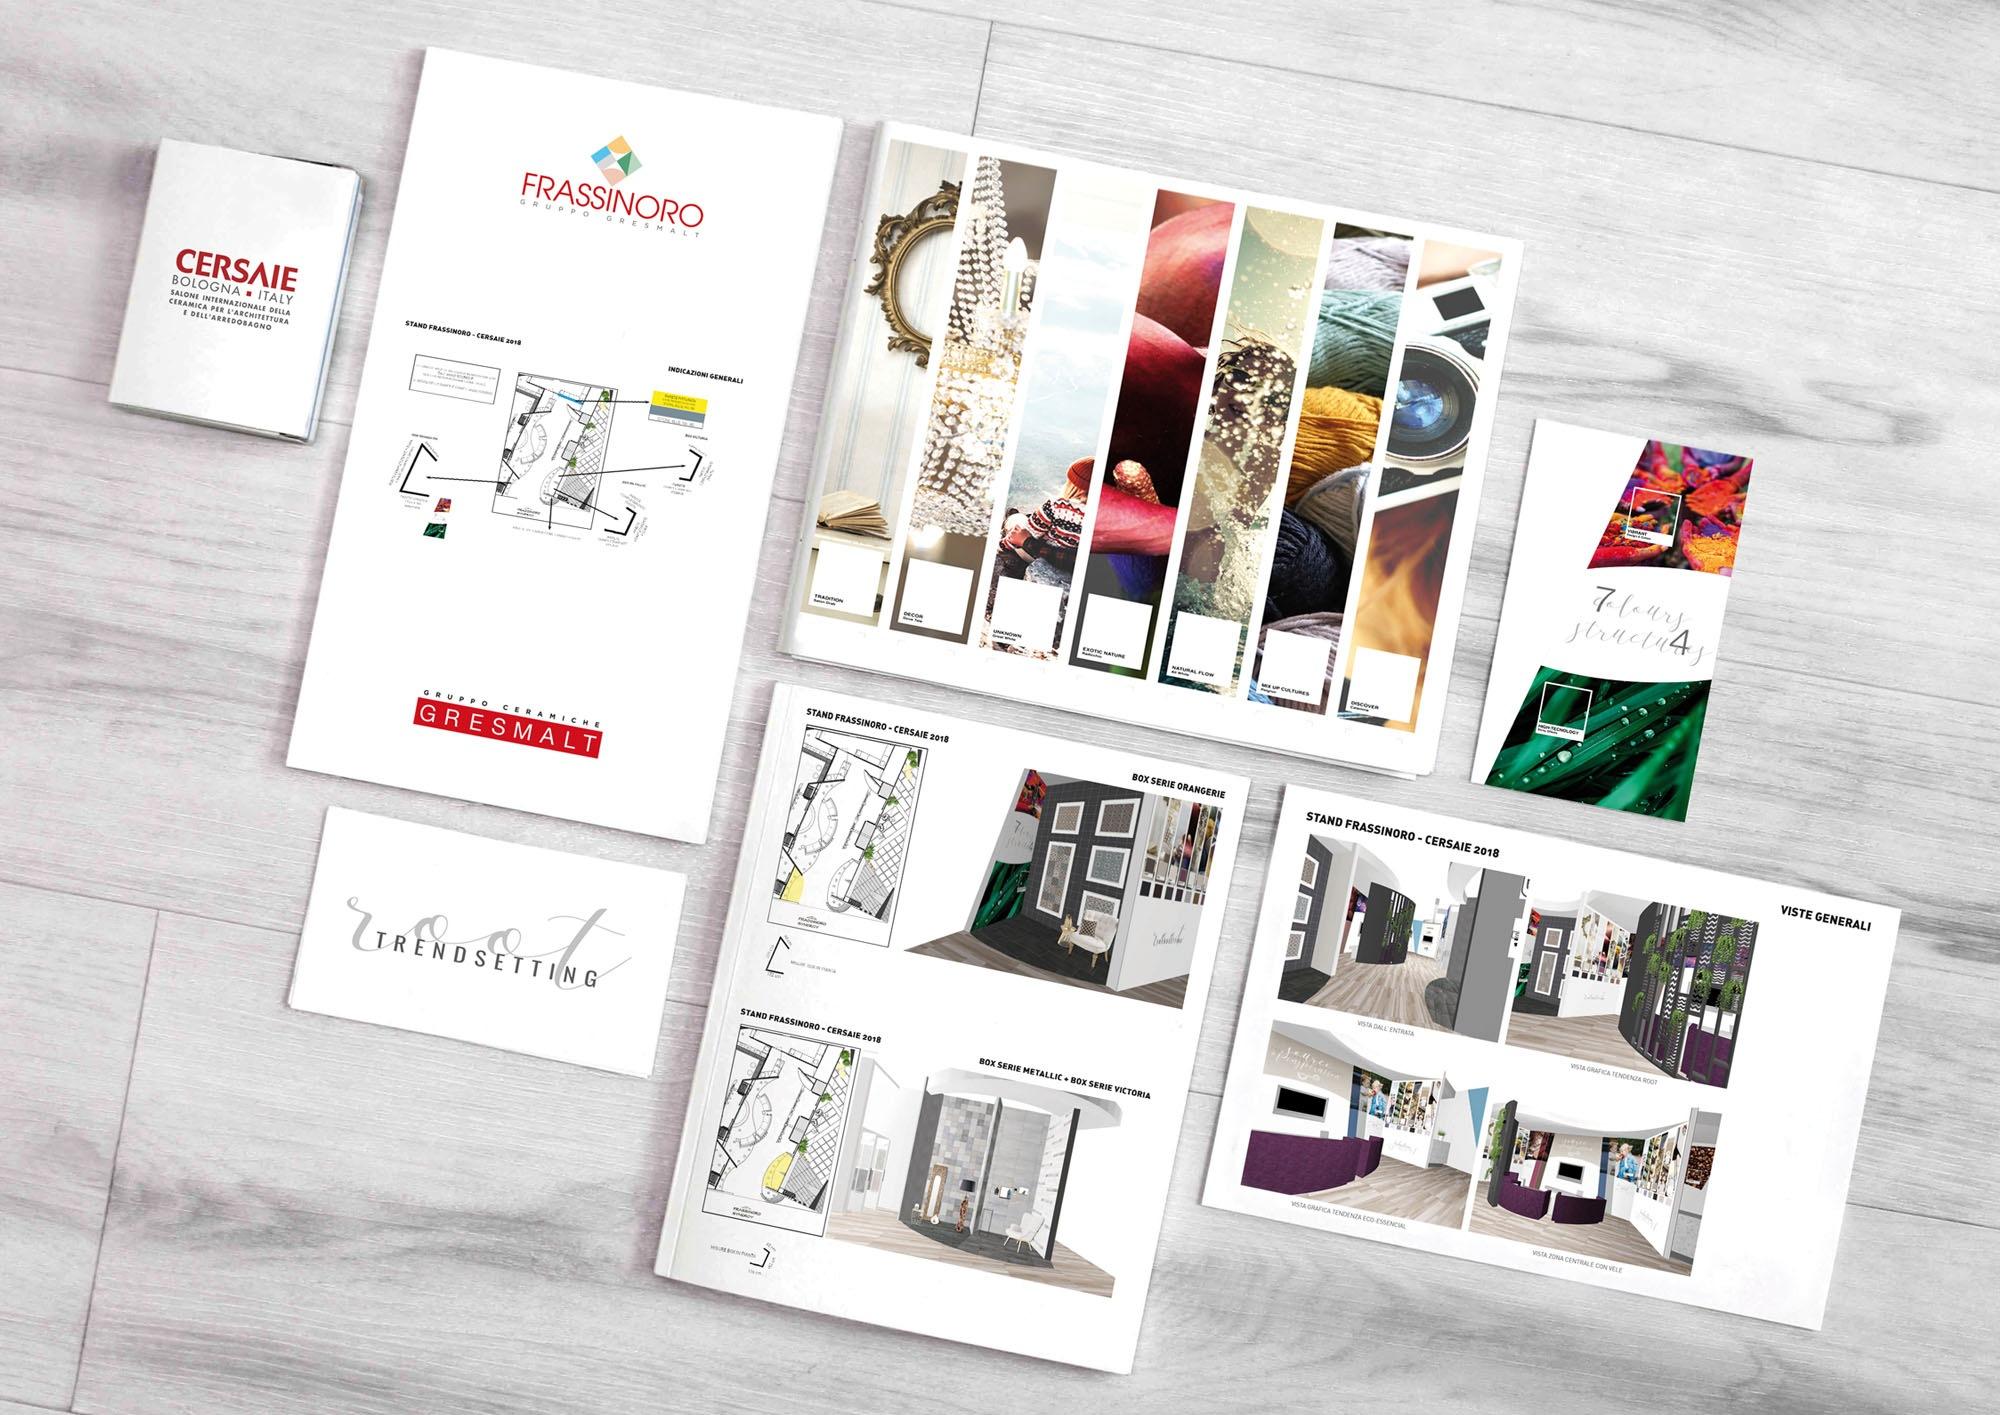 Hipix print adv ceramiche frassinoro gruppo gresmalt progetto grafico stand cersaie 2018 immagine in evidenza